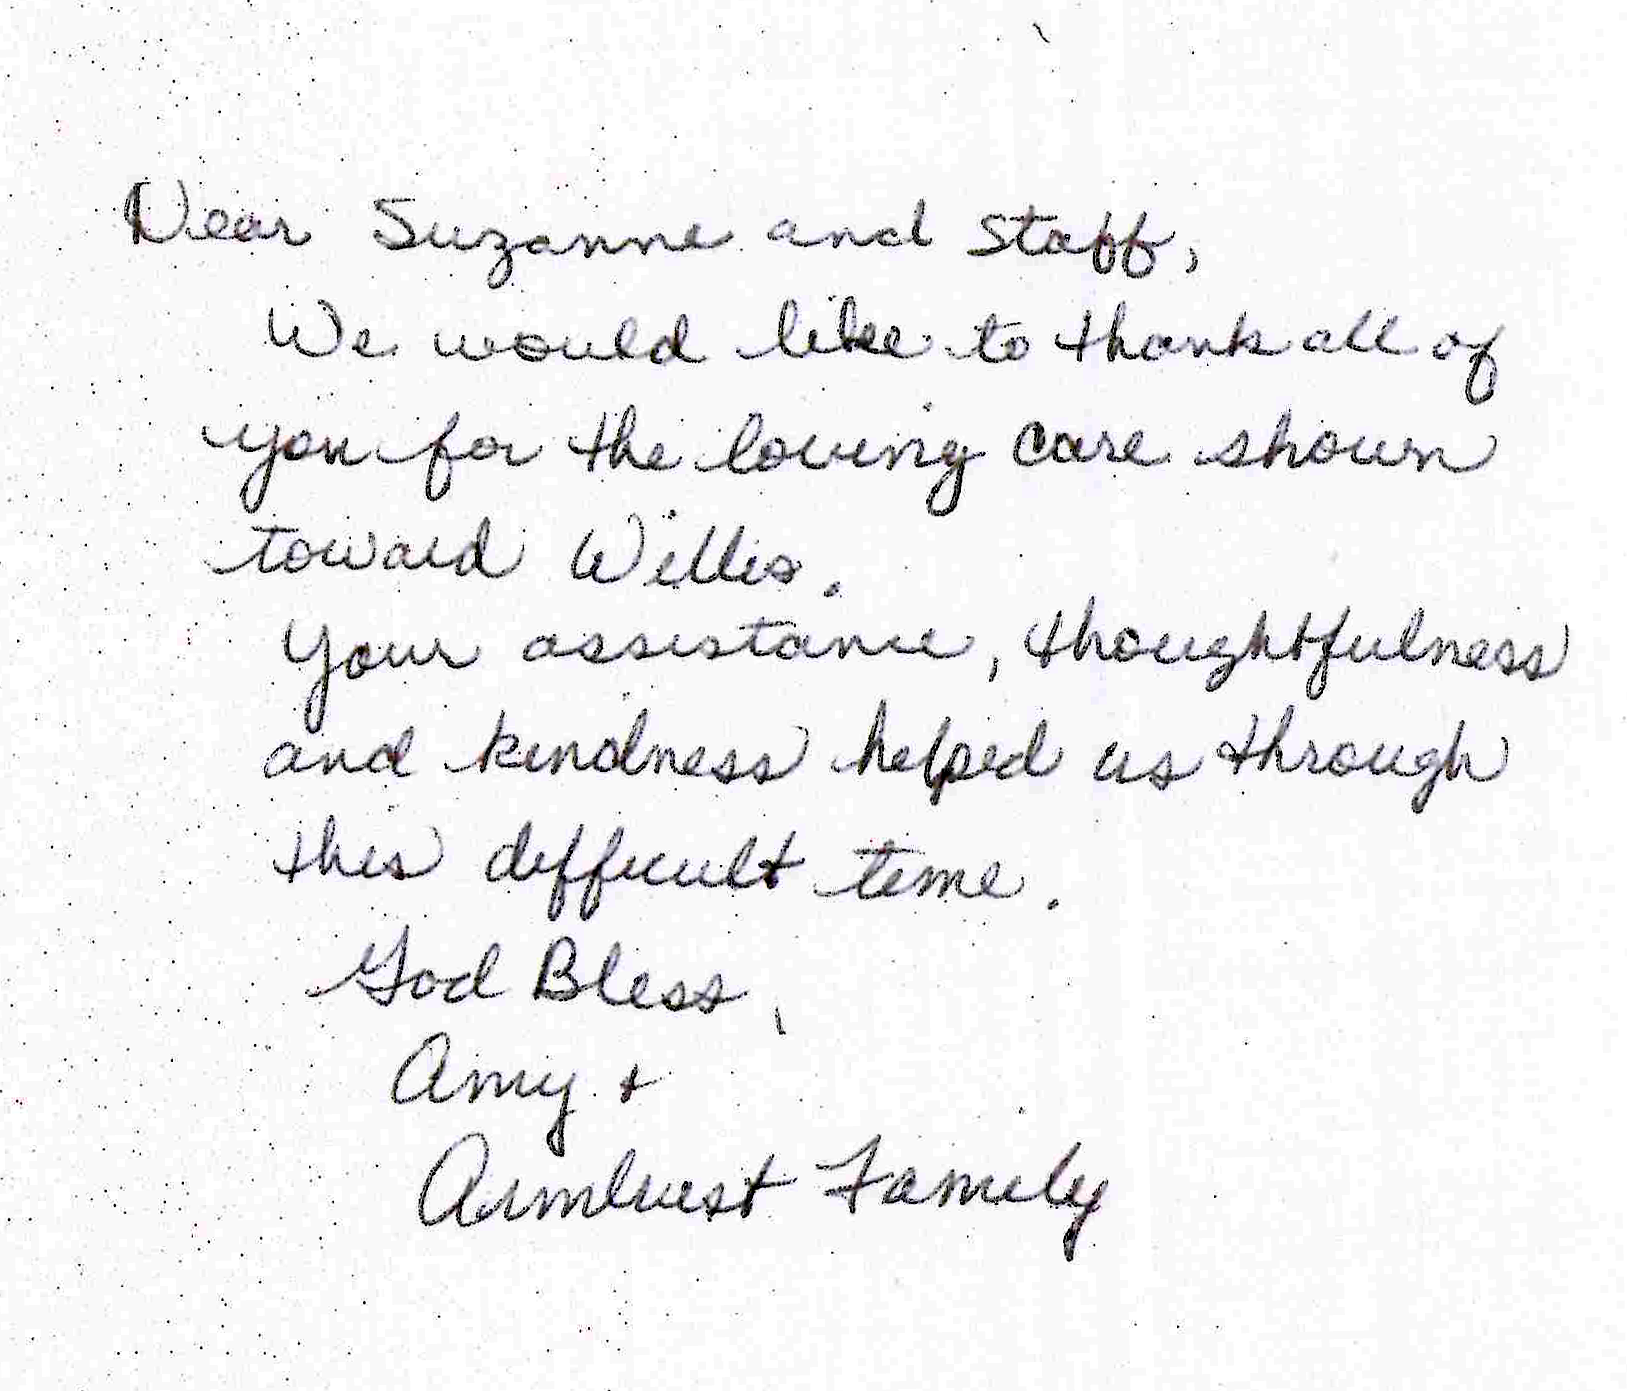 Armbrust Family Testimonial